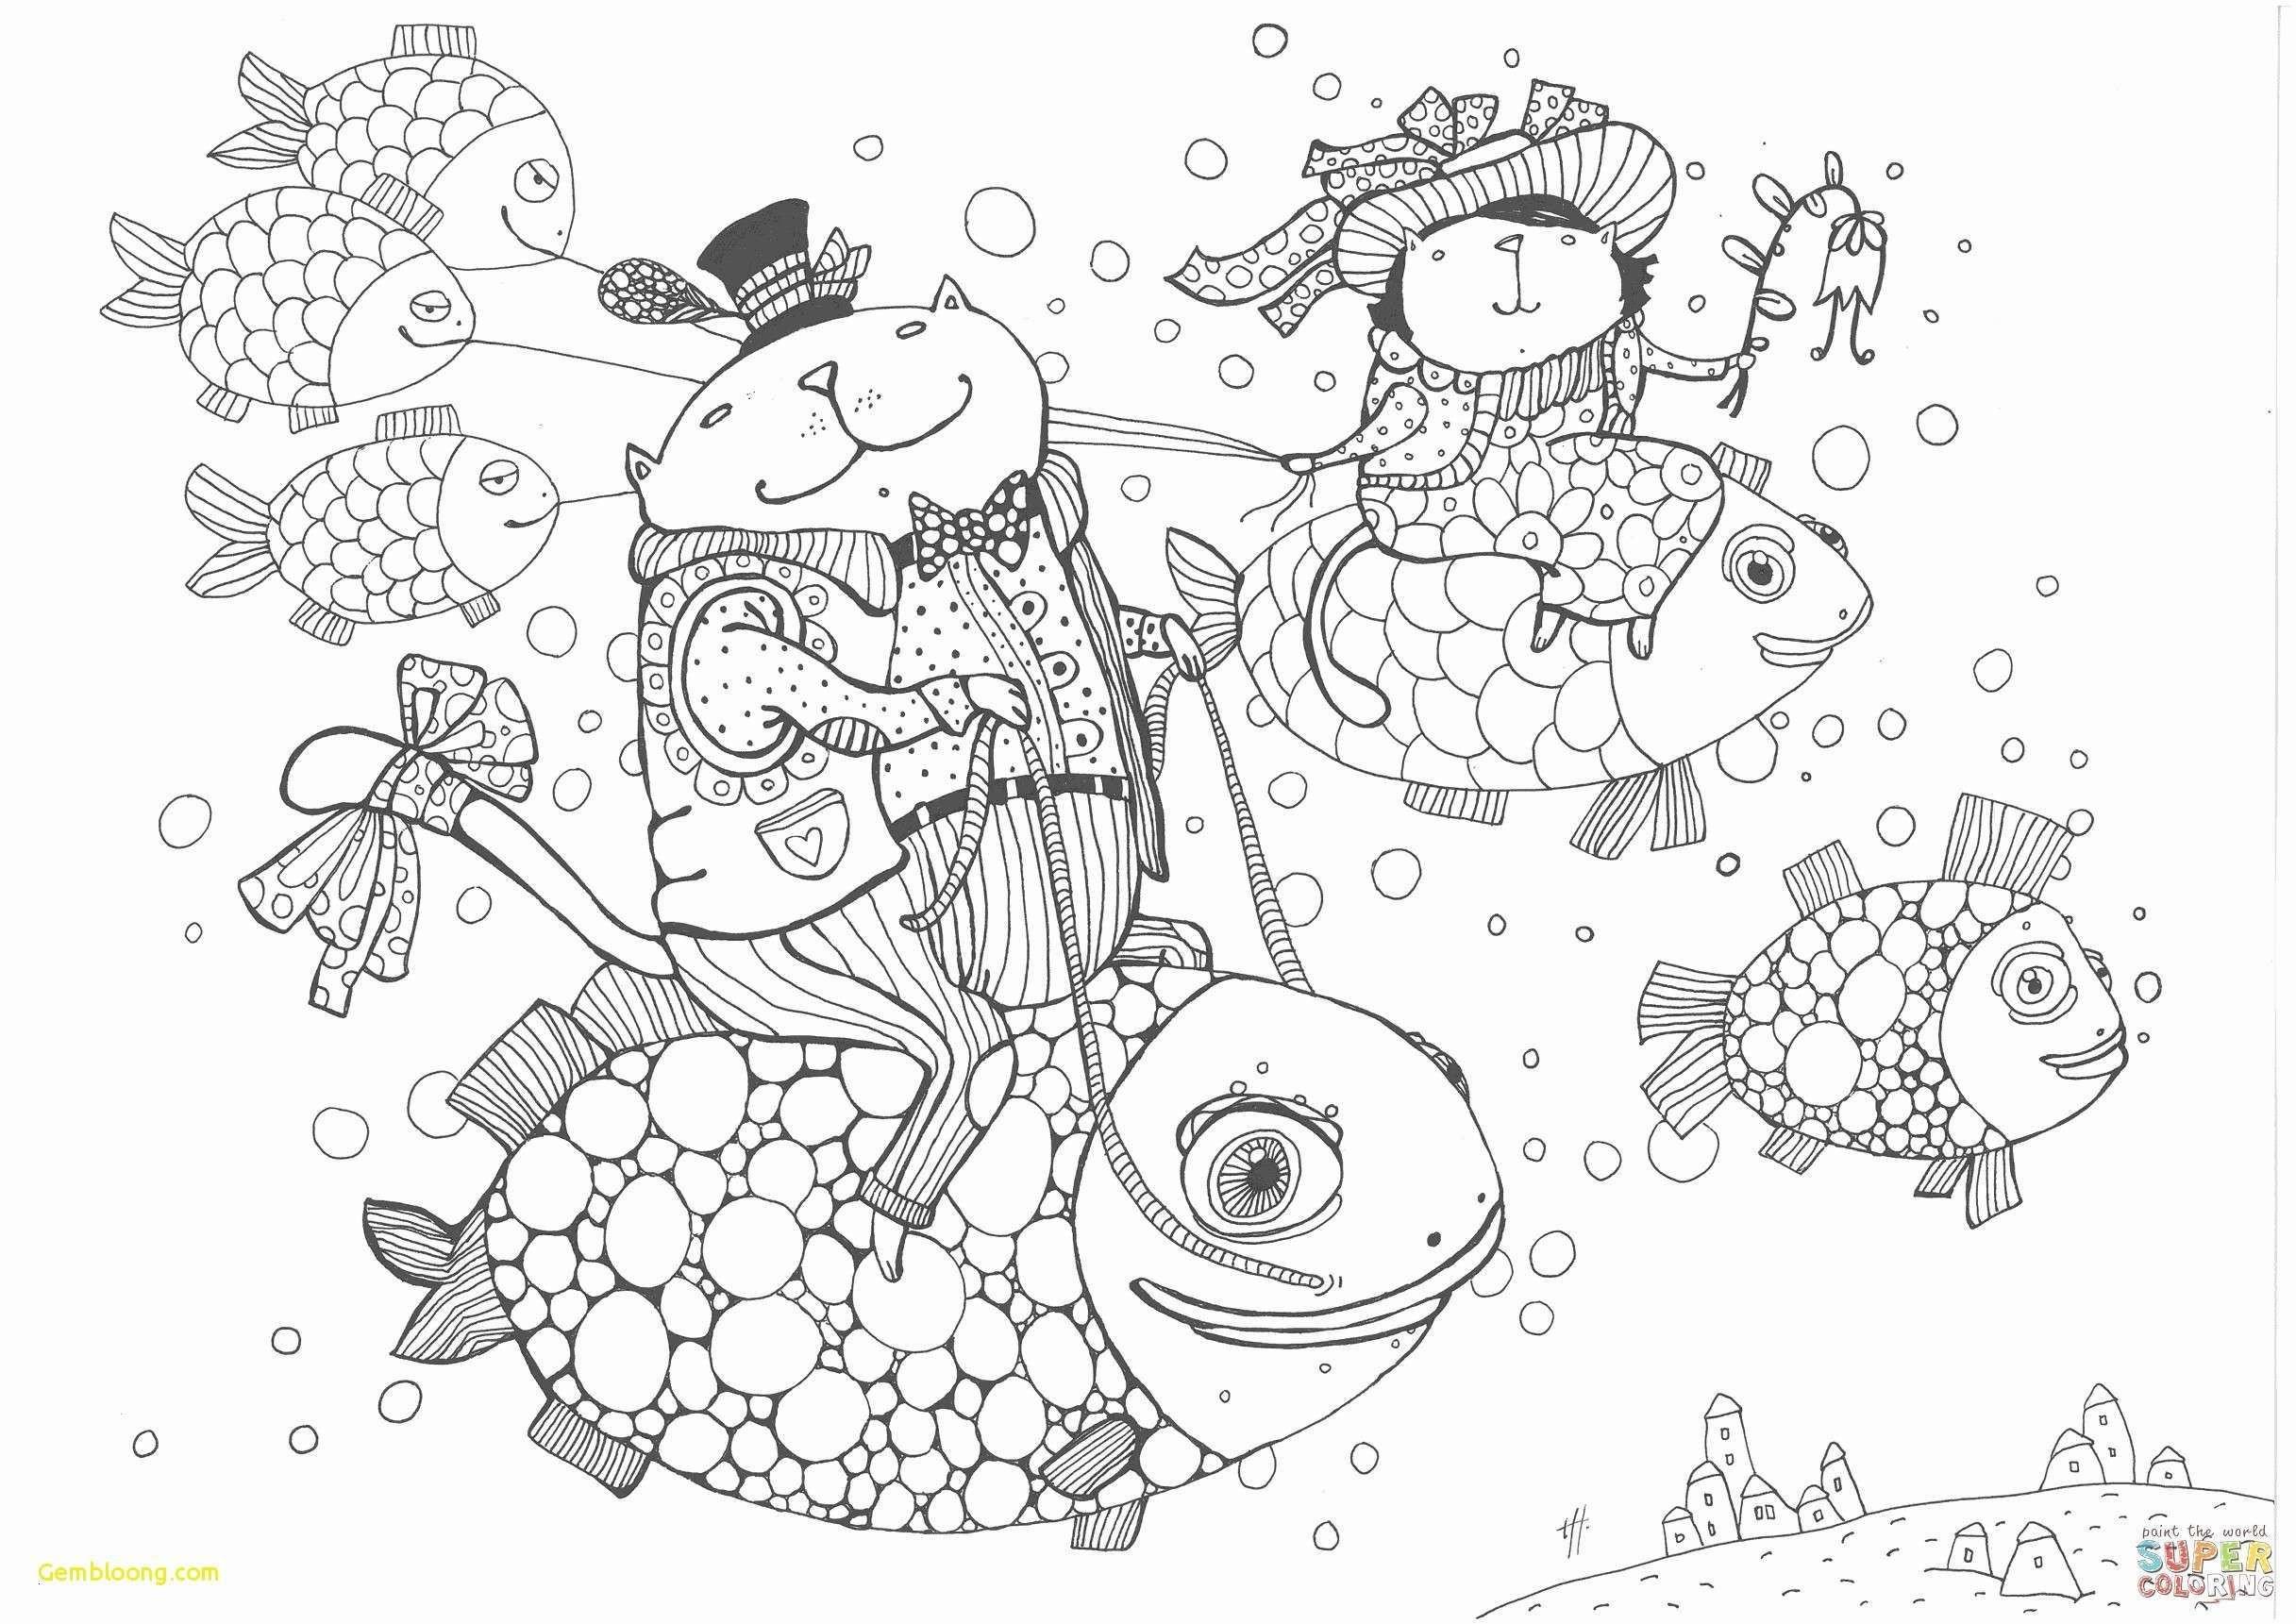 Einhorn Bilder Zum Drucken Das Beste Von 33 Inspirierend Weihnachten Einhorn Bilder Bilder